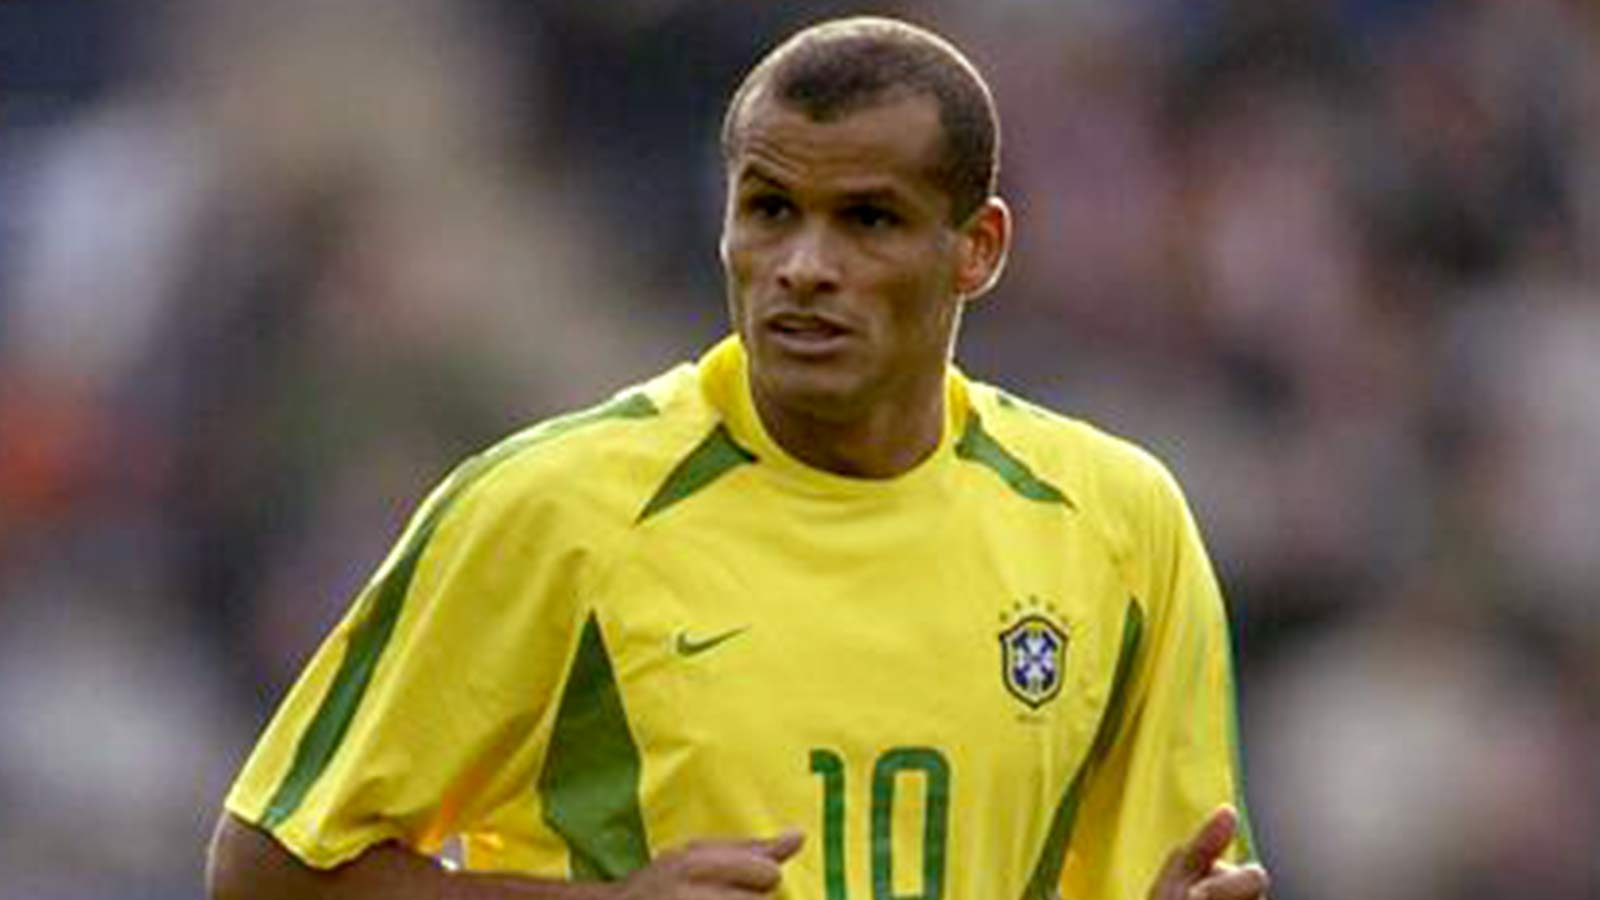 Rivaldo nazionale - Rivaldo: l'umile che conquistò il mondo